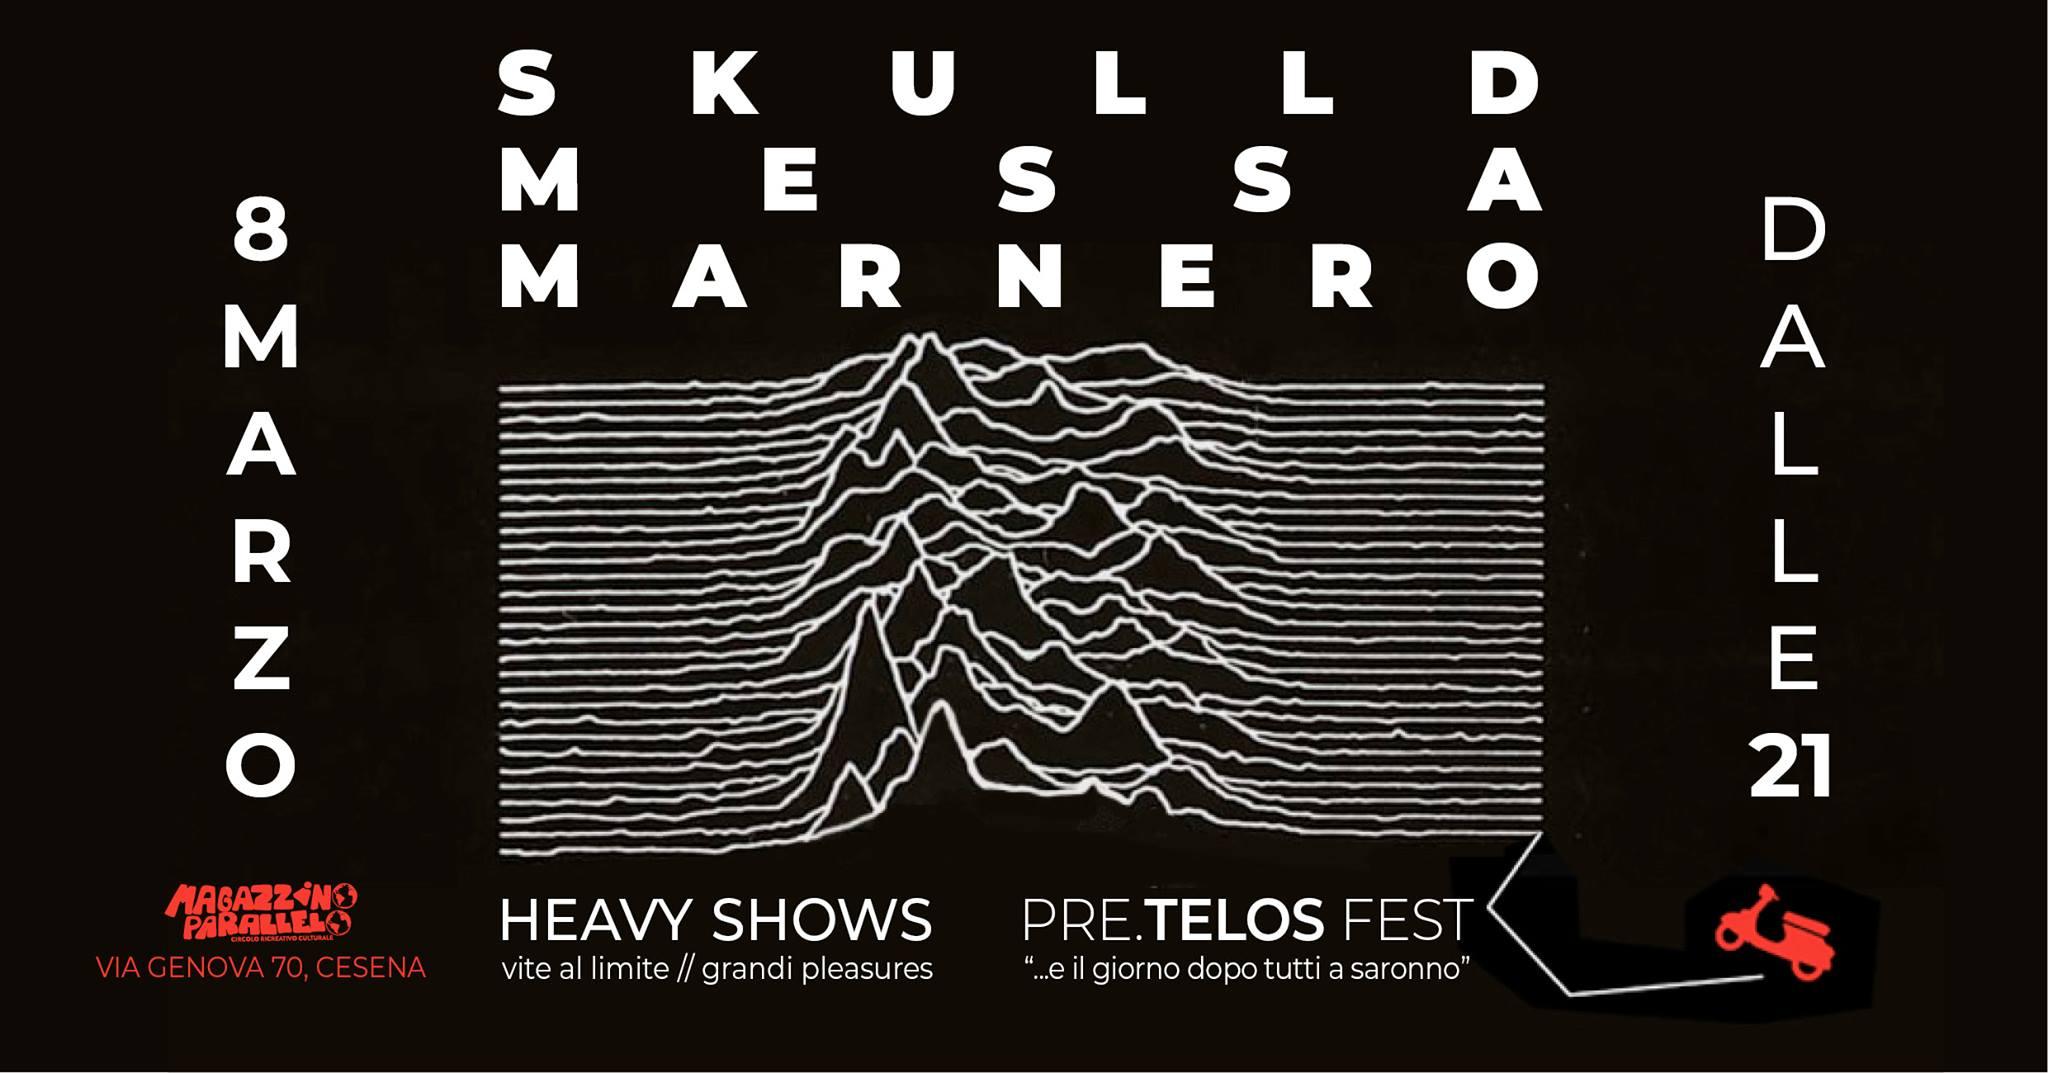 Skulld ⌁ Messa ⌁ Marnero // Heavy Shows at Magazzino Parallelo